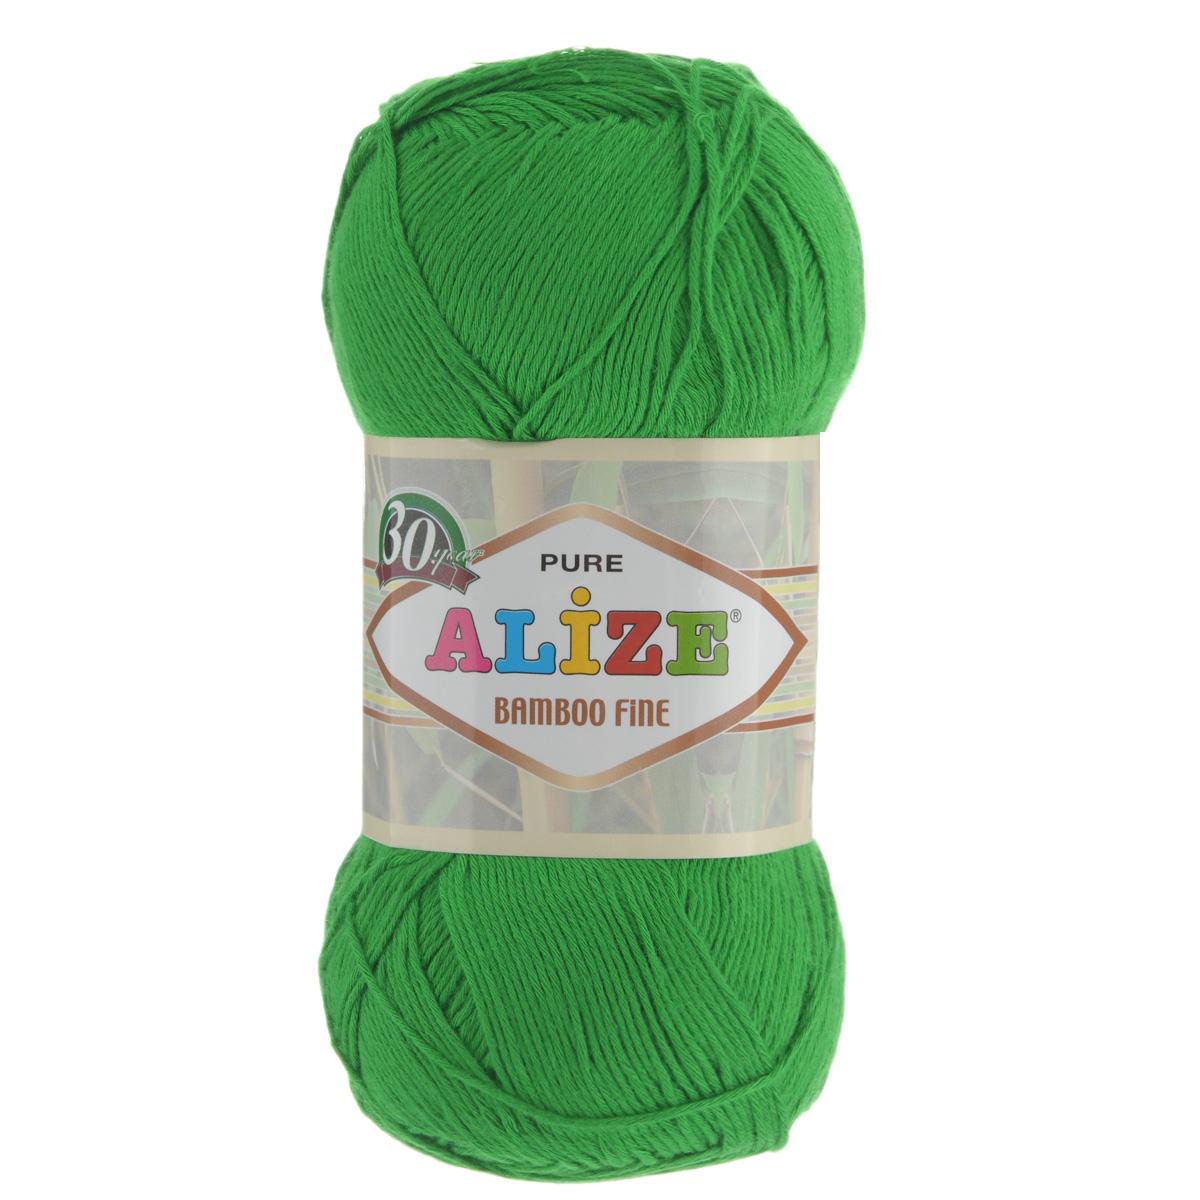 Пряжа для вязания Alize Bamboo Fine, цвет: травяной (562), 440 м, 100 г, 5 шт688988_562Пряжа Alize Bamboo Fine подходит для ручного вязания детям и взрослым. Пряжа однотонная, приятная на ощупь, хорошо лежит в полотне. Изделия из такой нити получаются мягкие и красивые. Рекомендованные спицы 2,5-3,5 мм и крючок для вязания 1-3 мм. Состав: 100% бамбук.